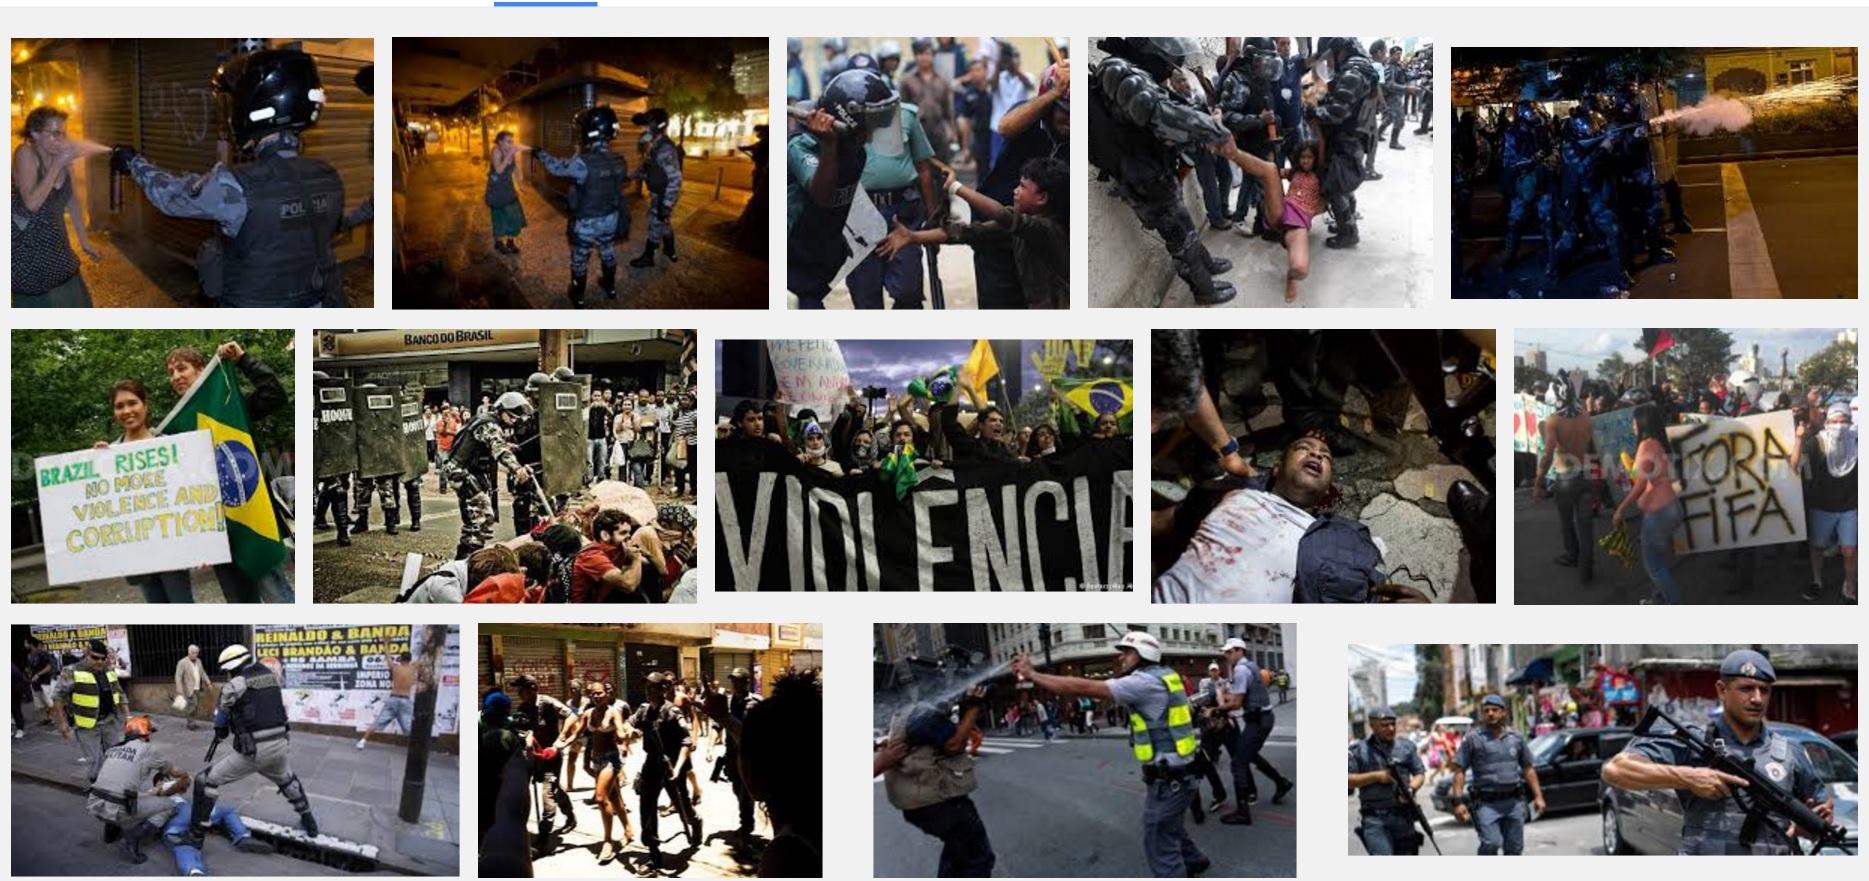 As imagens da violência policial vistas pelo resto do mundo, em seleção a partir de busca no Google Images